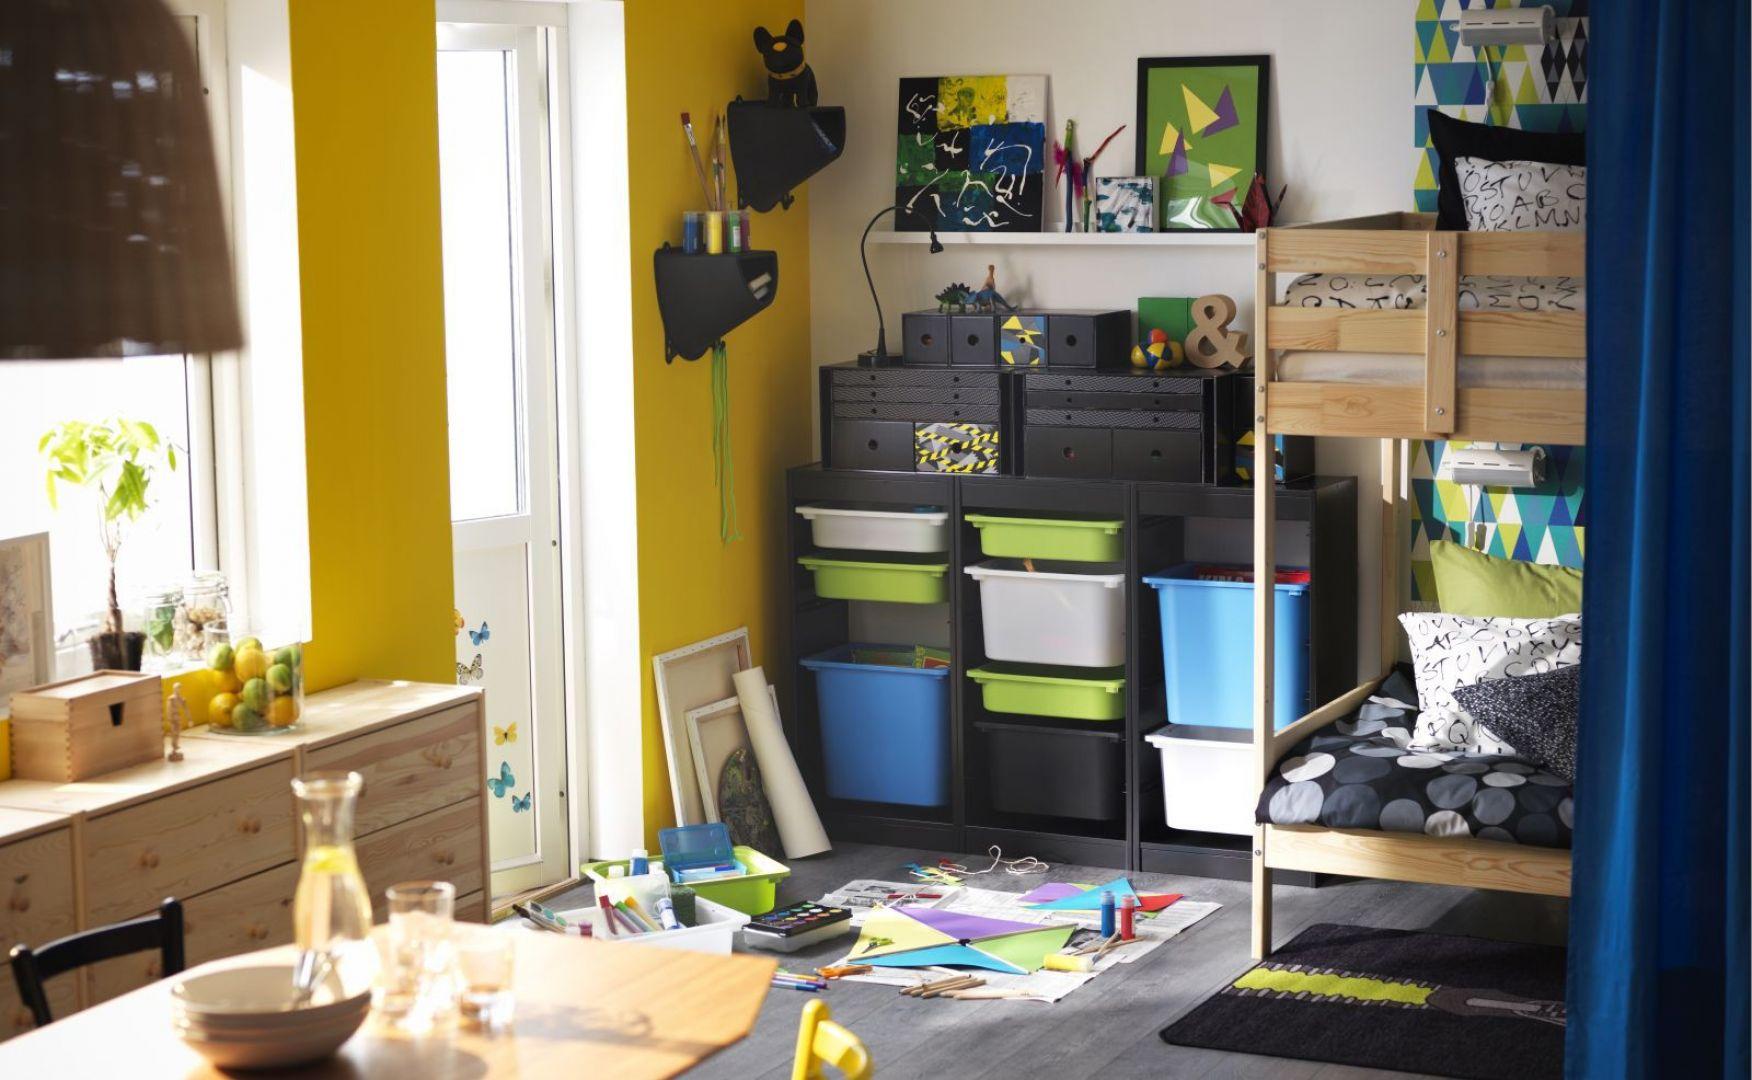 Systemy Trofast to odkryte szafki, w których umieszcza się plastikowe pojemniki. Dzięki takiemu rozwiązaniu zyskuje się wiele miejsca na małe zabawki i artykuły papiernicze. Fot. IKEA